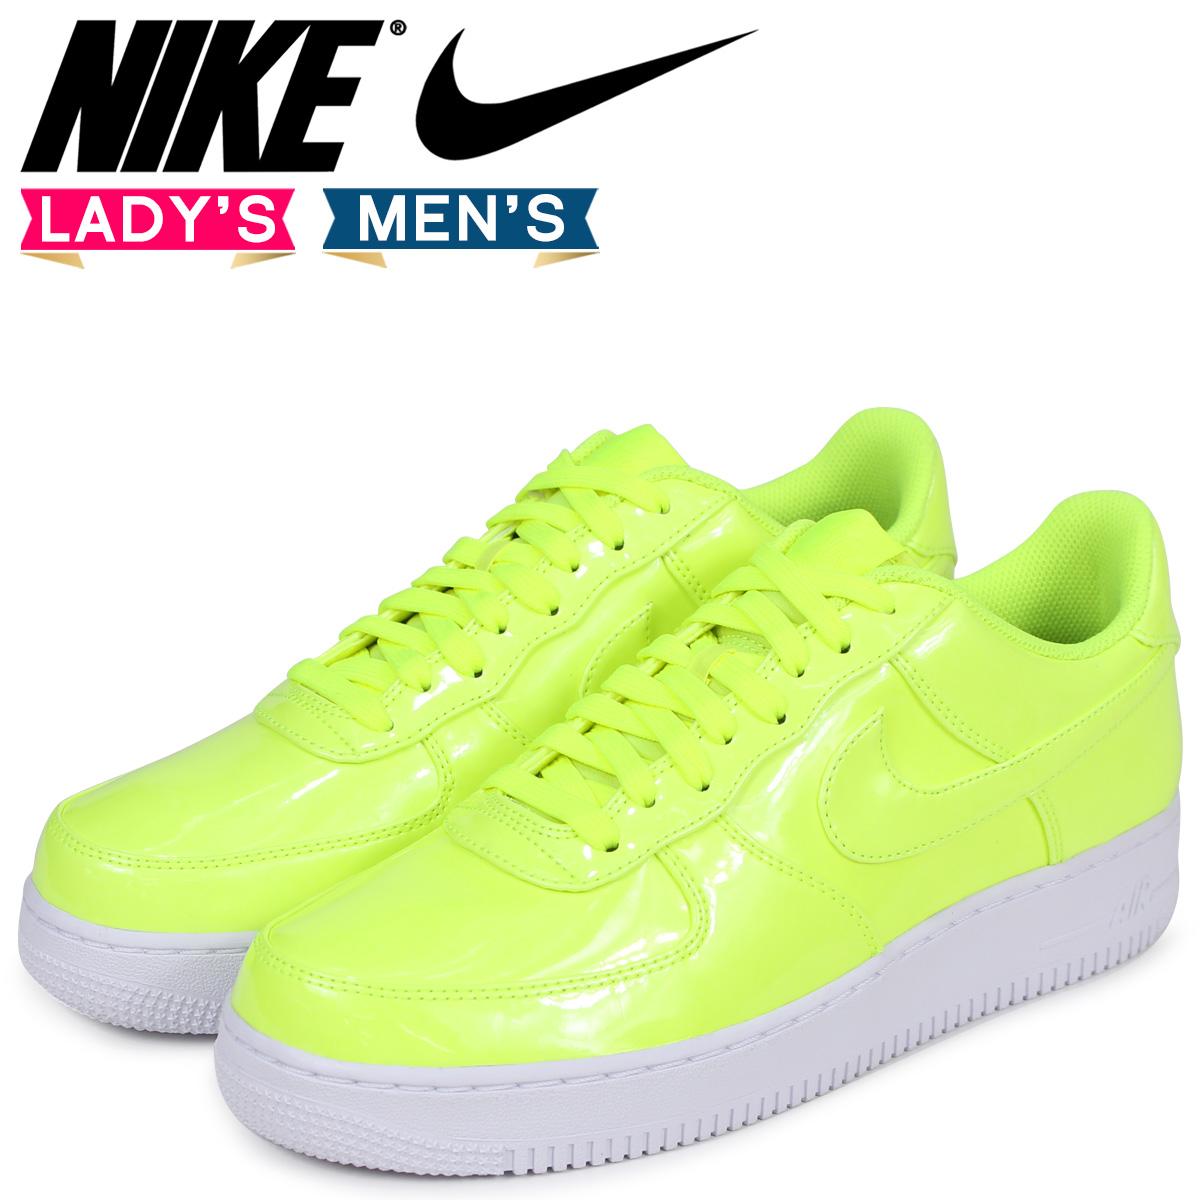 NIKE Nike air force 1 07 LV8 sneakers men gap Dis AIR FORCE 1 UV AJ9505 700 yellow [210 reentry load]